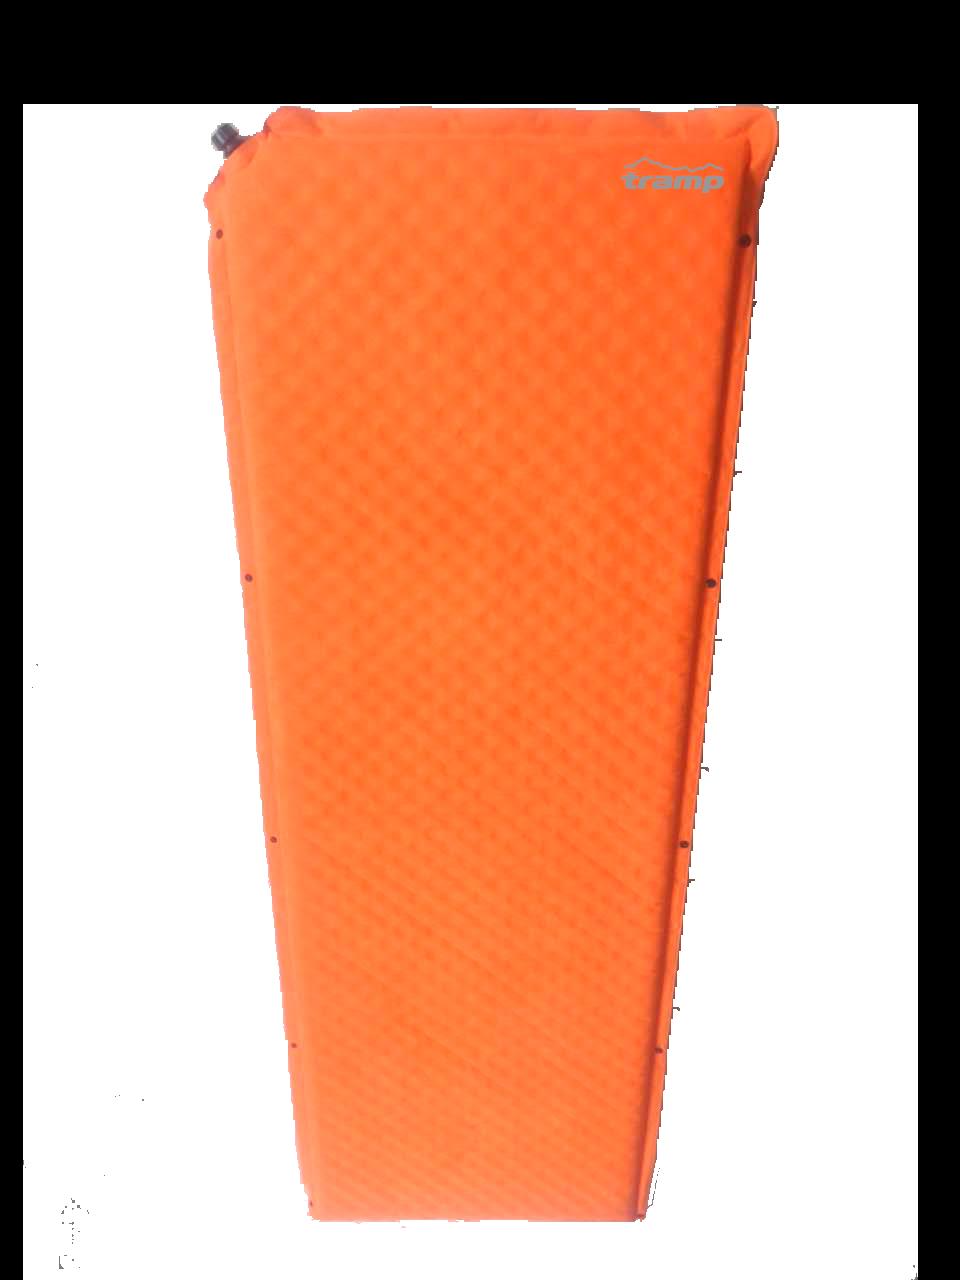 Килим самонадувающийся Tramp TRI-021, 5 см